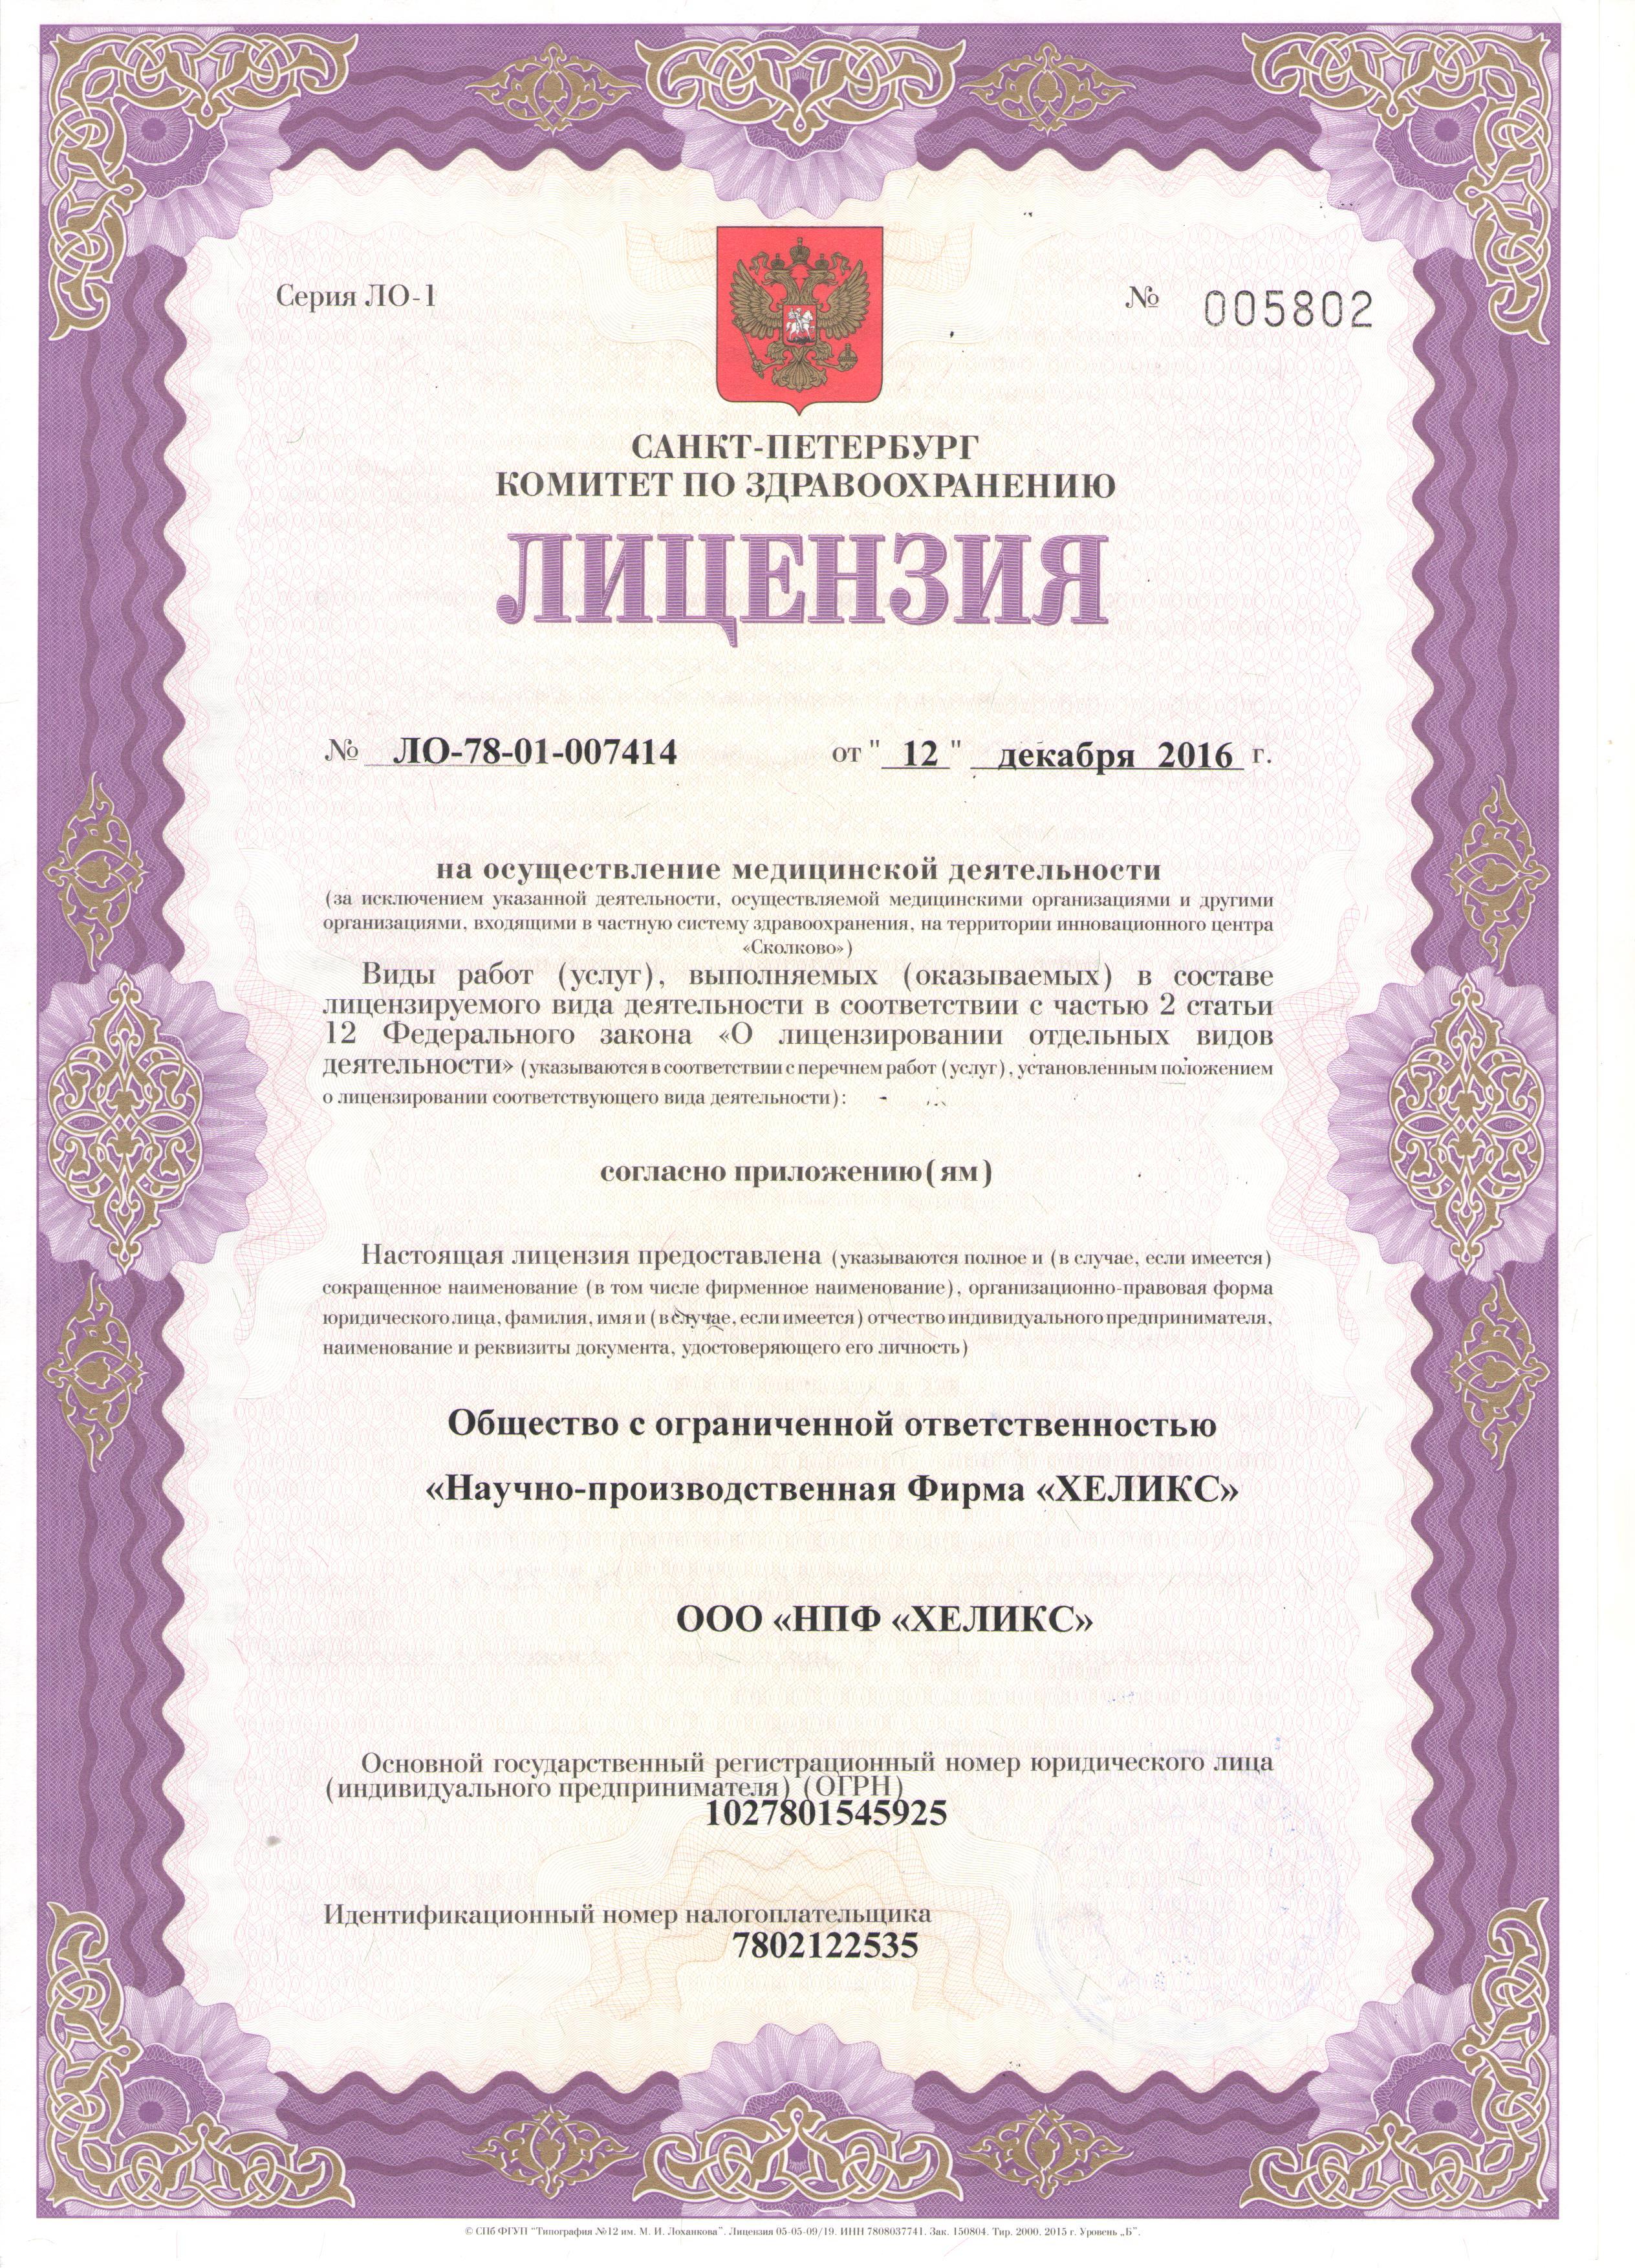 Лицензия НПФ ХЕЛИКС от 06.07.2016